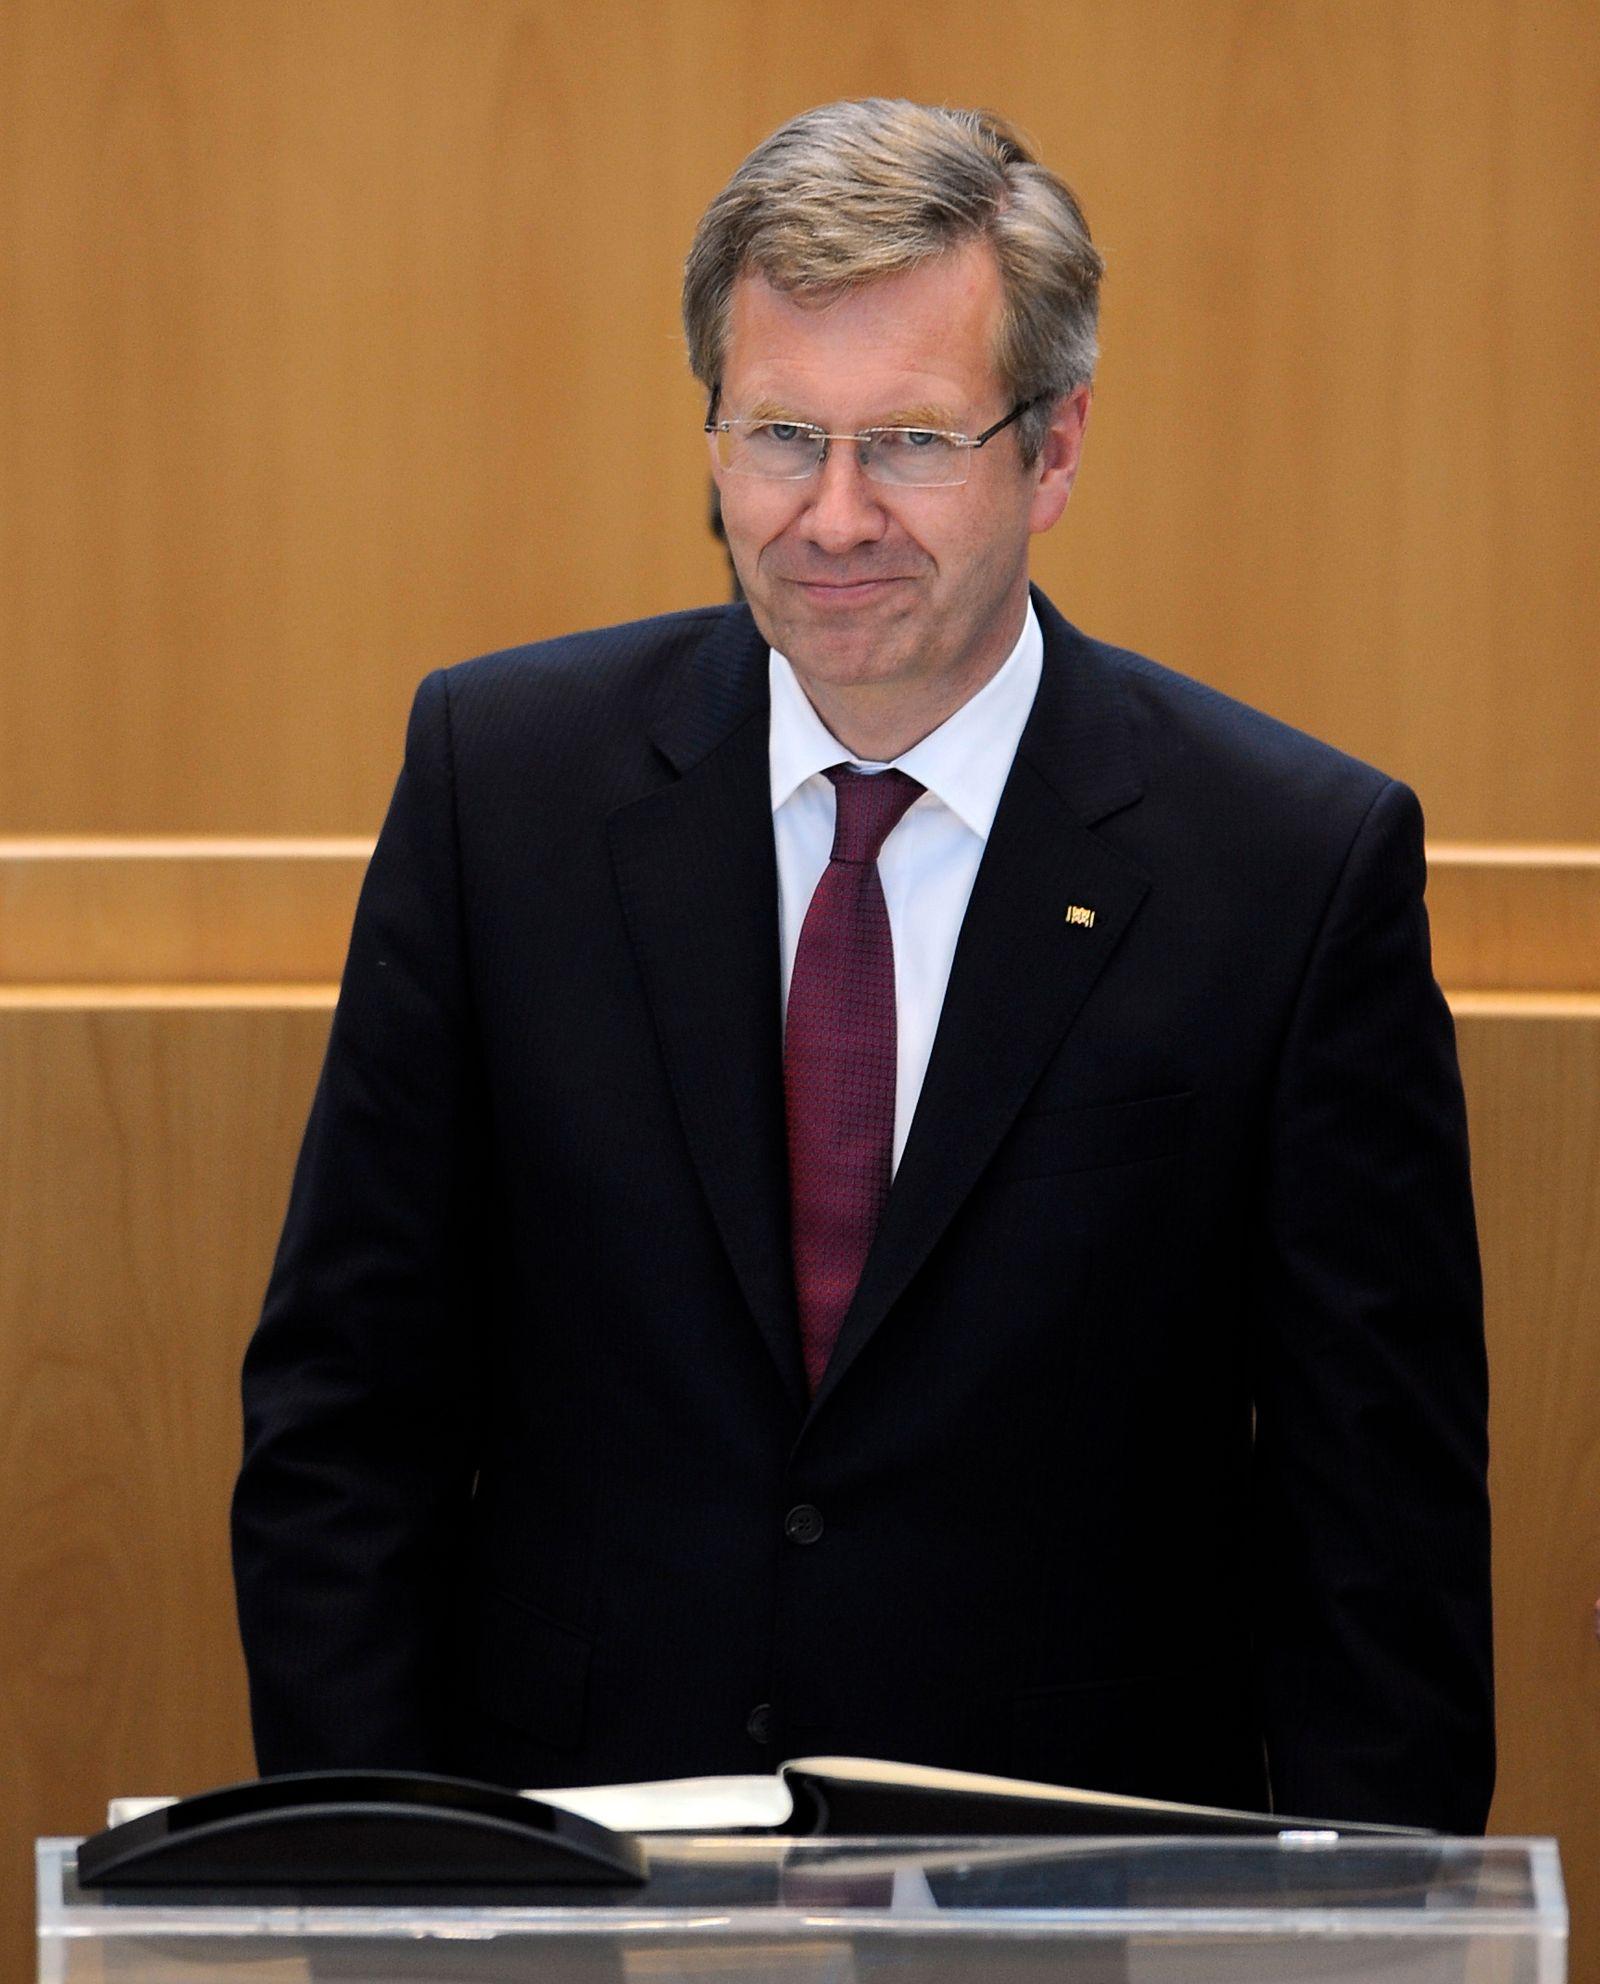 NICHT VERWENDEN Christian Wulff / NRW Landtag